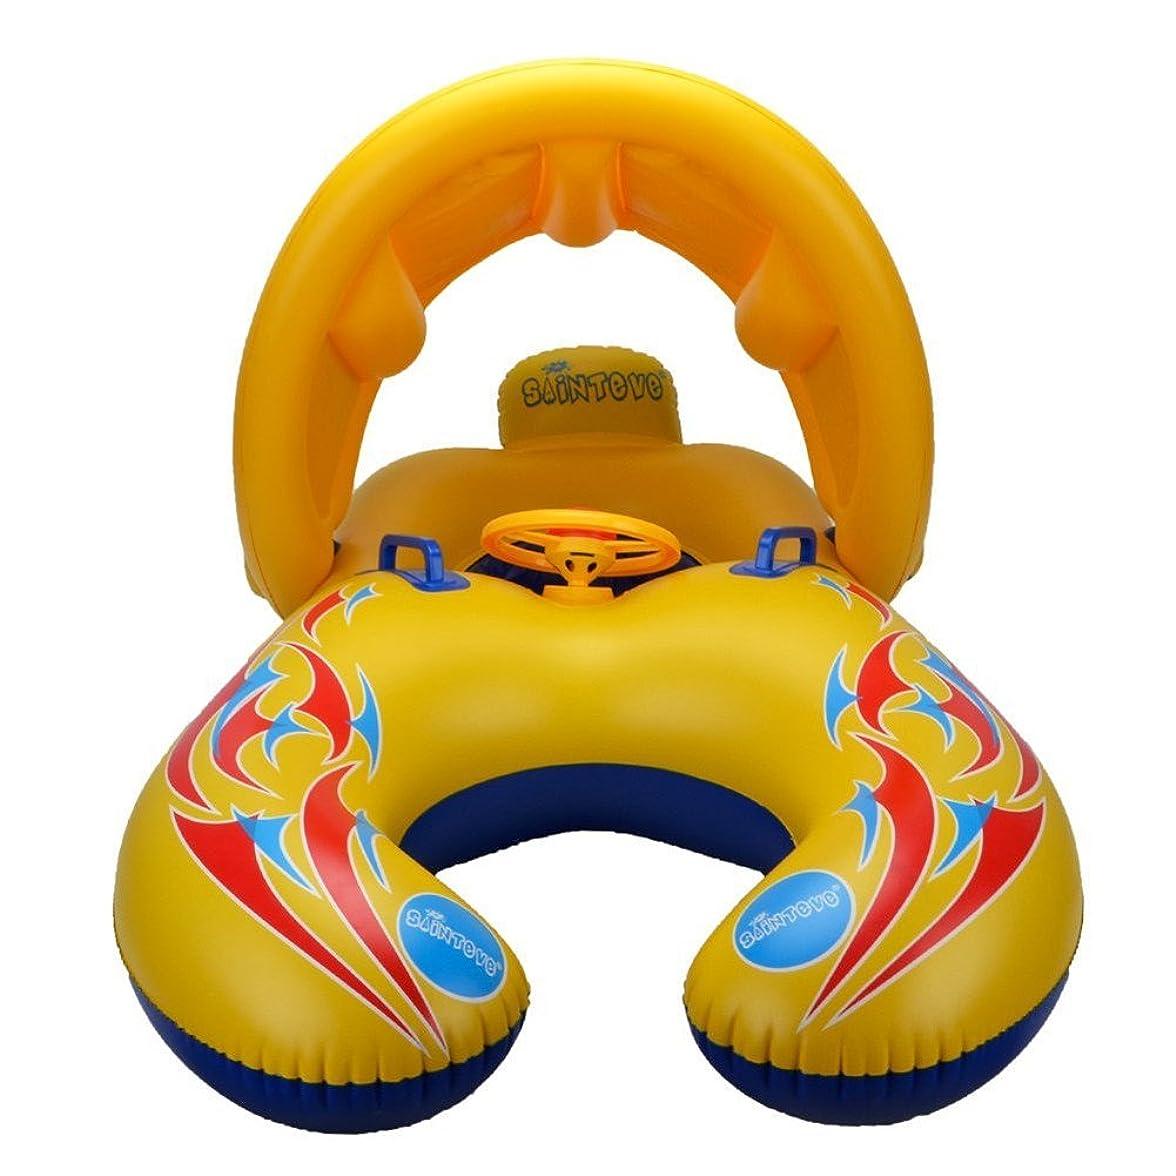 落ち着くトラブル振り子UNOPRO 浮き輪 親子用 うきわ プールボート 足入れ プール?海?川 泳ぎトレーナー タンデムリング 屋根付き ハンドル付き おもちゃ